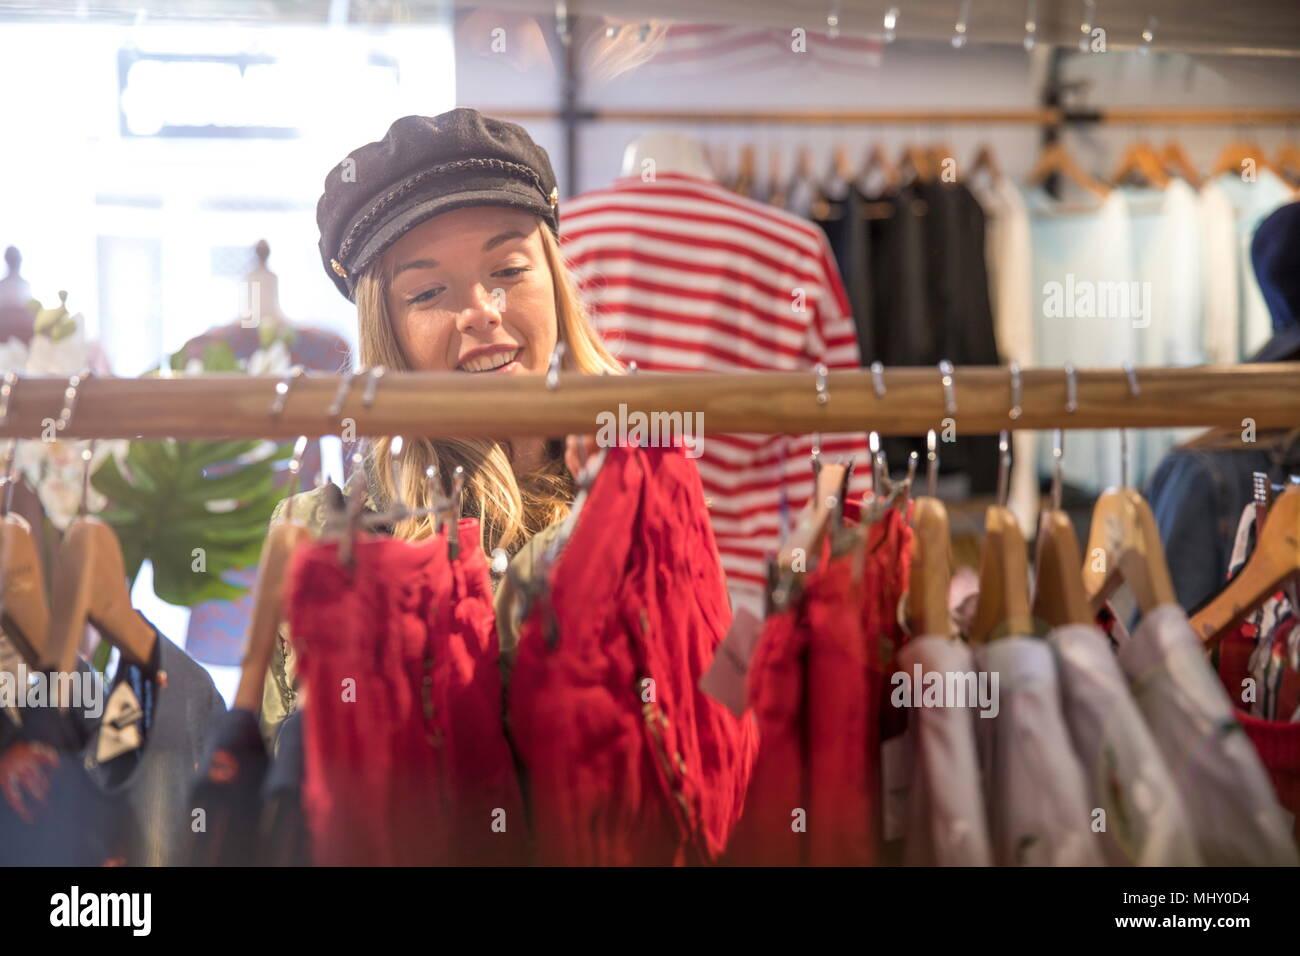 Jeune femme shopping, à la recherche de vêtements sur rail en boutique Photo Stock